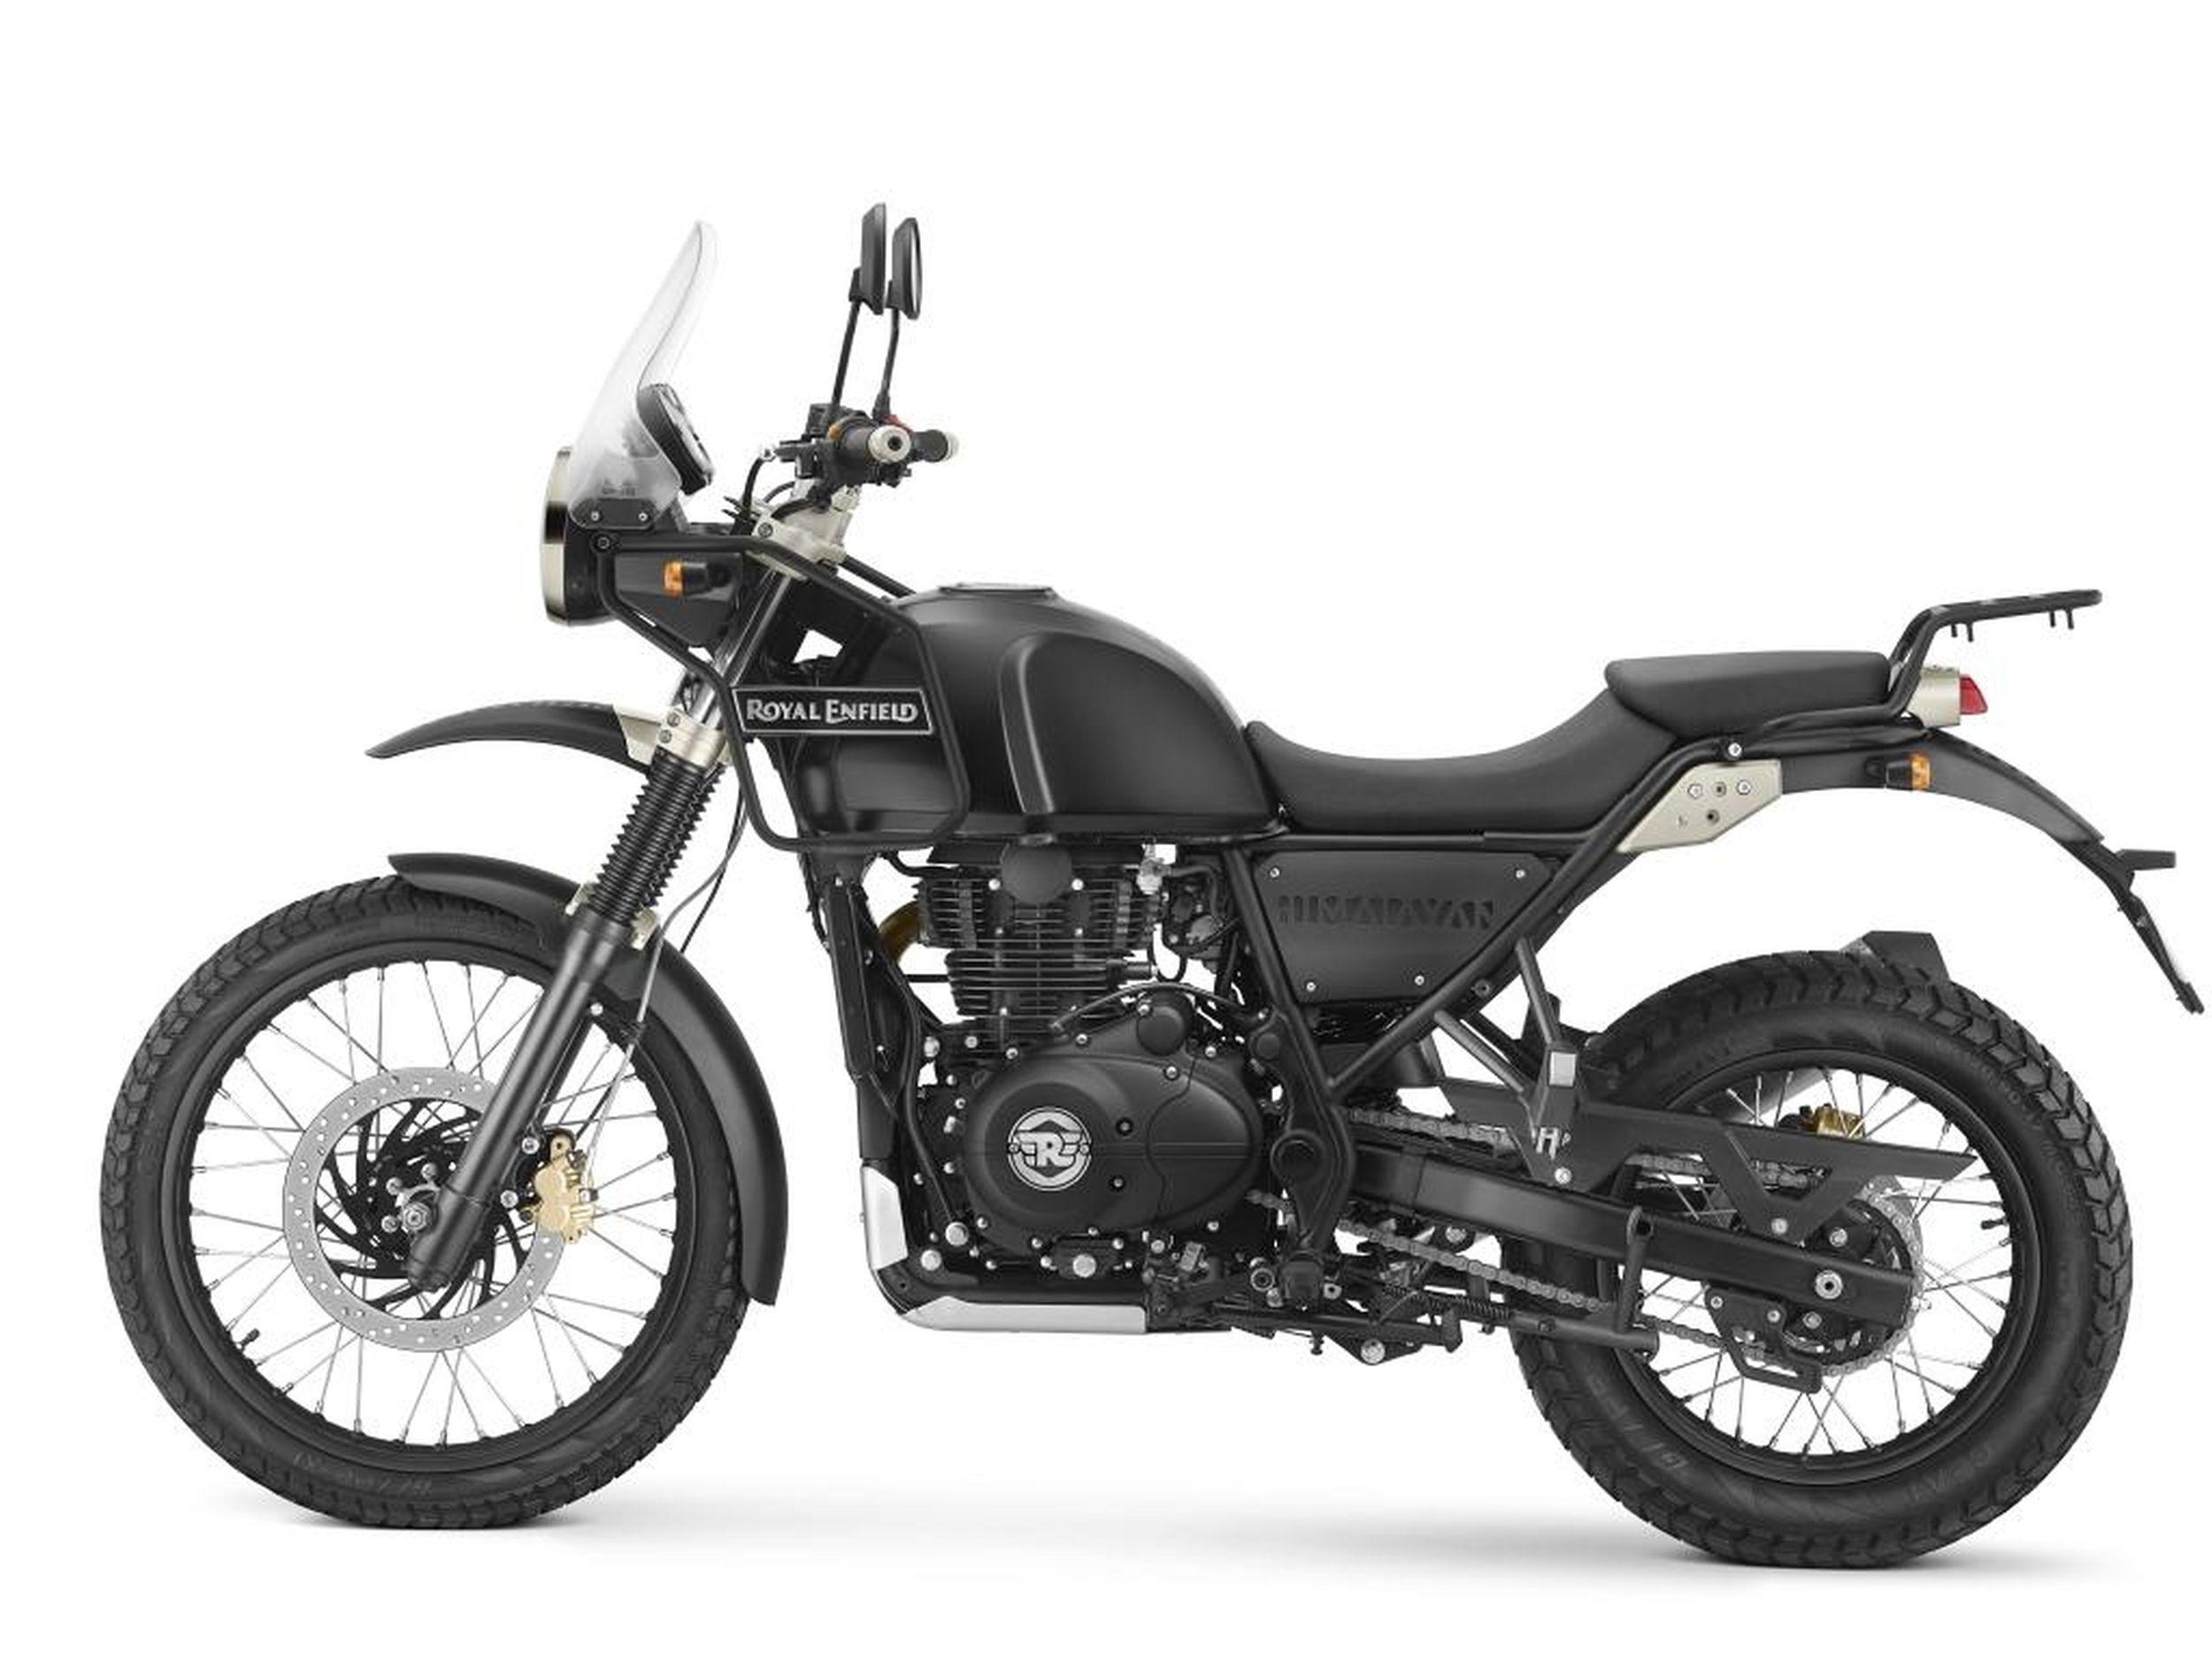 royal enfield modelle motorrad motorrad n lte 14482. Black Bedroom Furniture Sets. Home Design Ideas